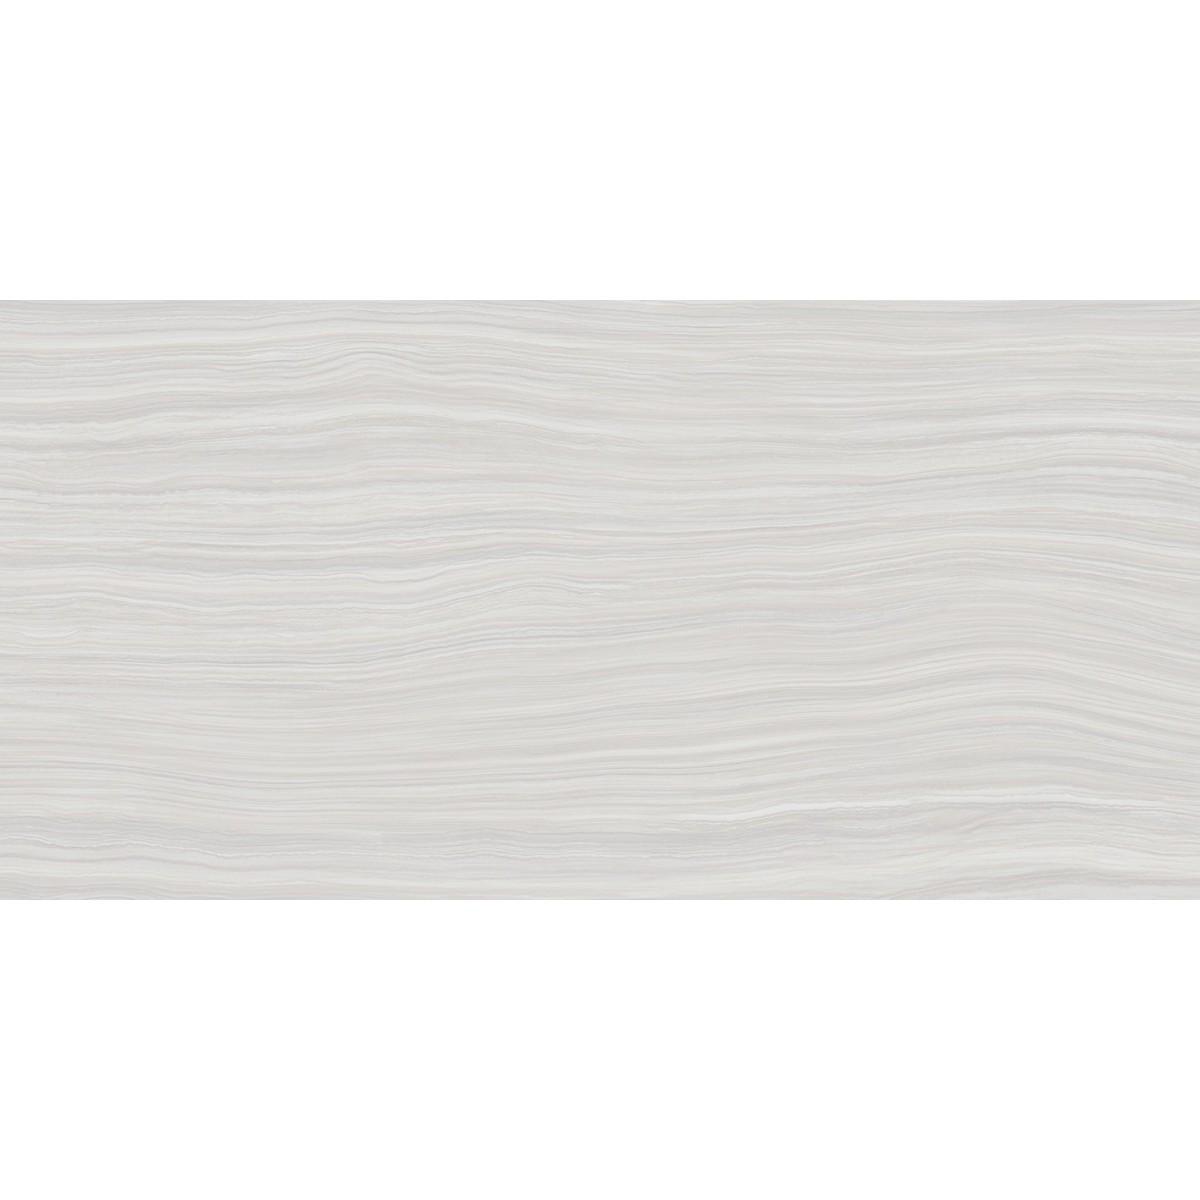 Плитка настенная Эдельвейс 25х50 см 1.25 м² цвет серый